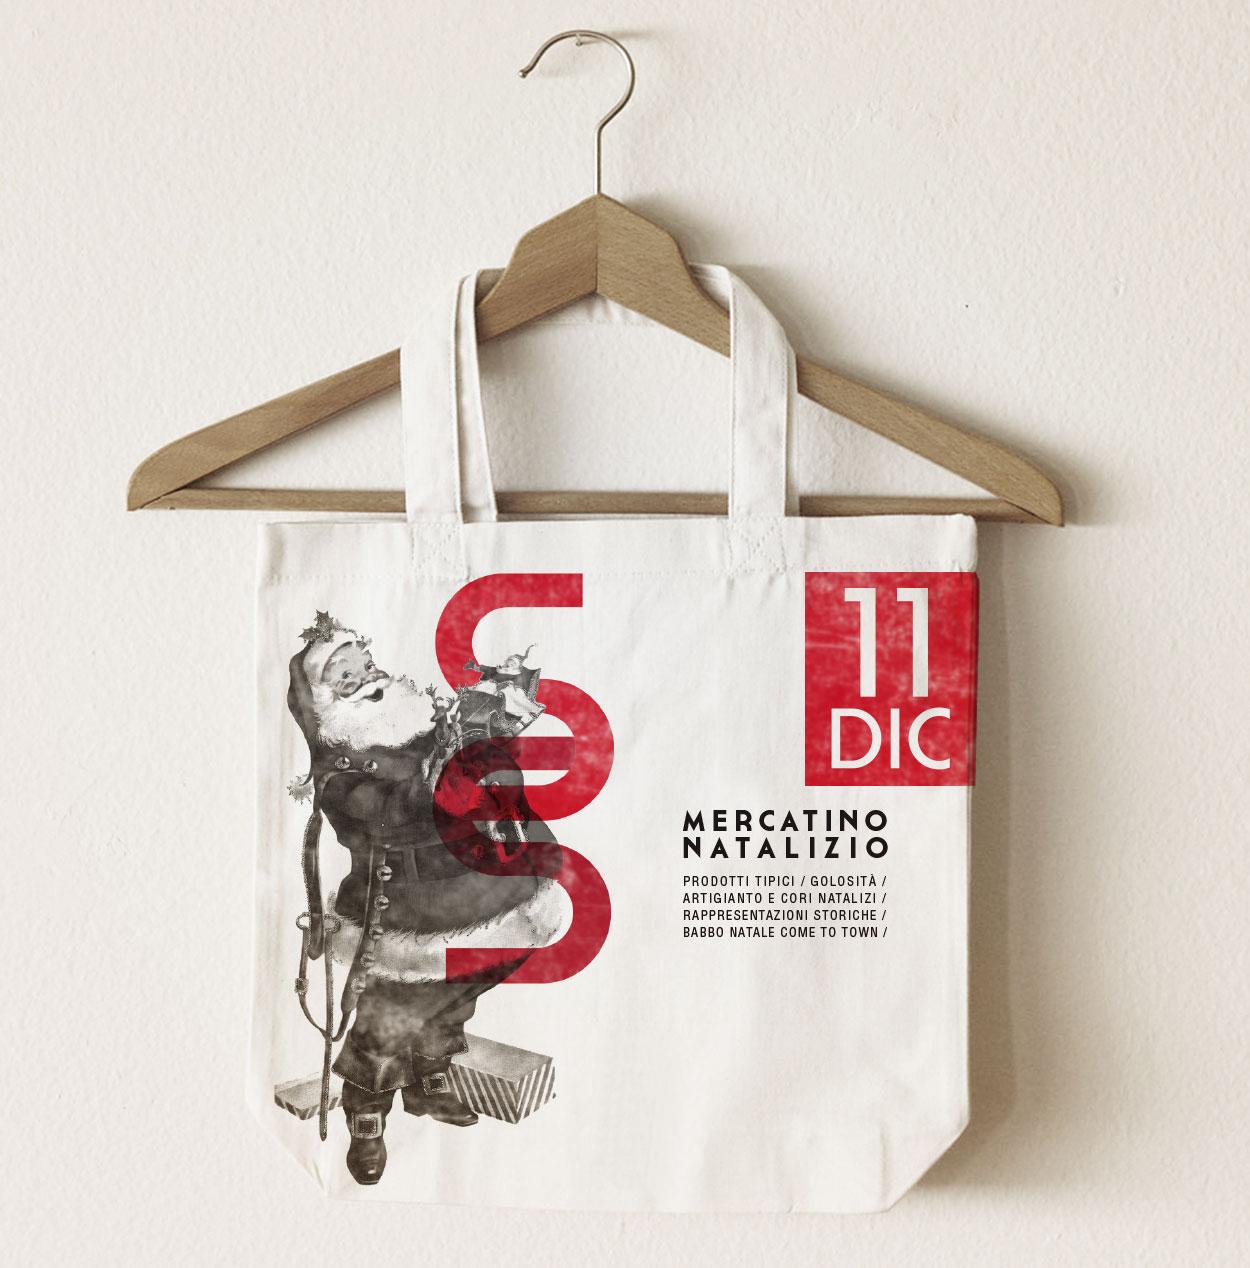 progettazione merchandising per eventi e aziende